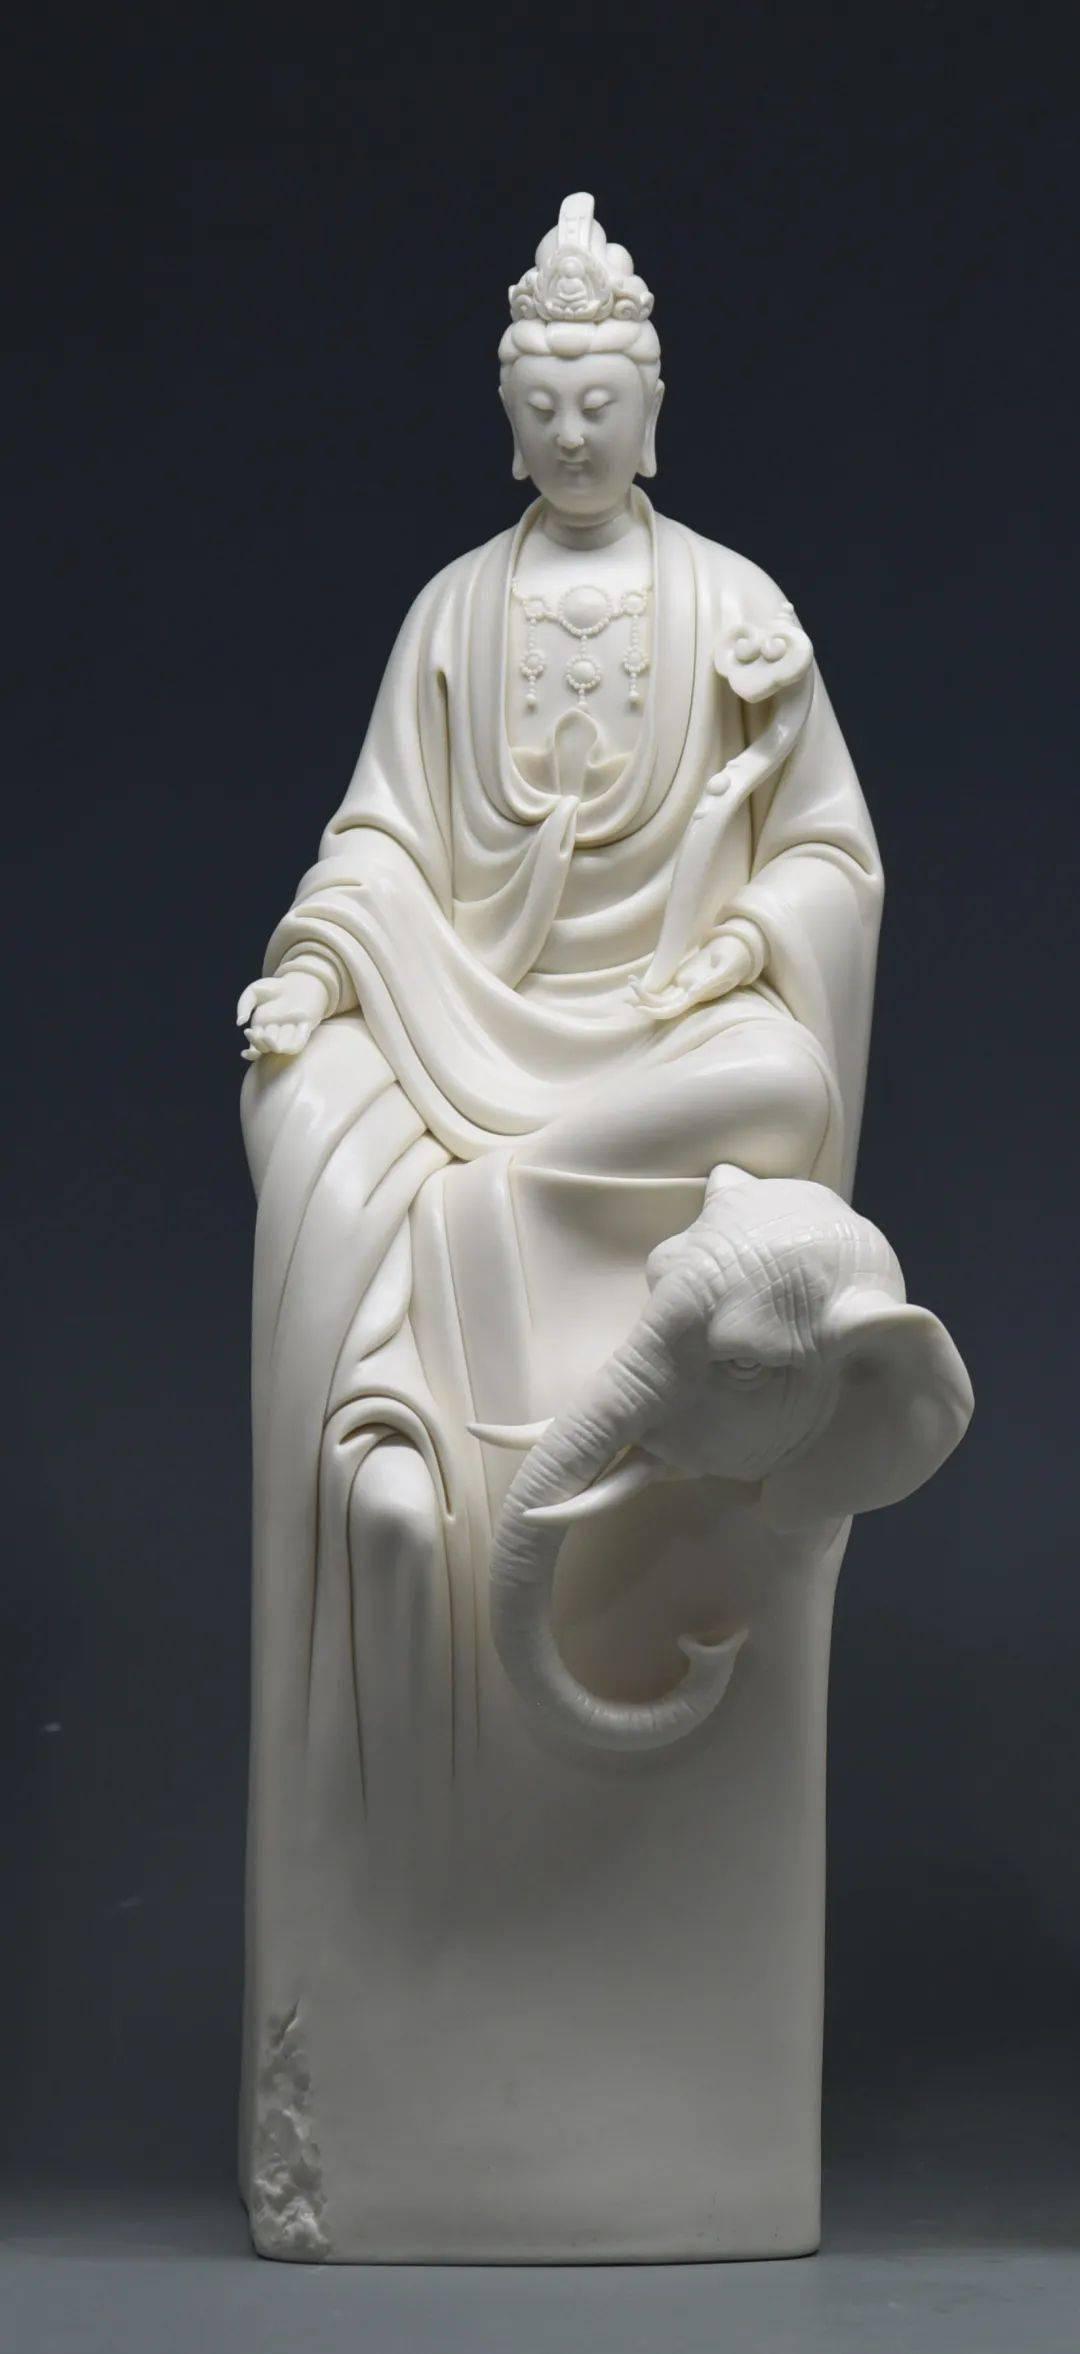 素洗尘心念在慈——黄明玉白瓷造型的美学意涵